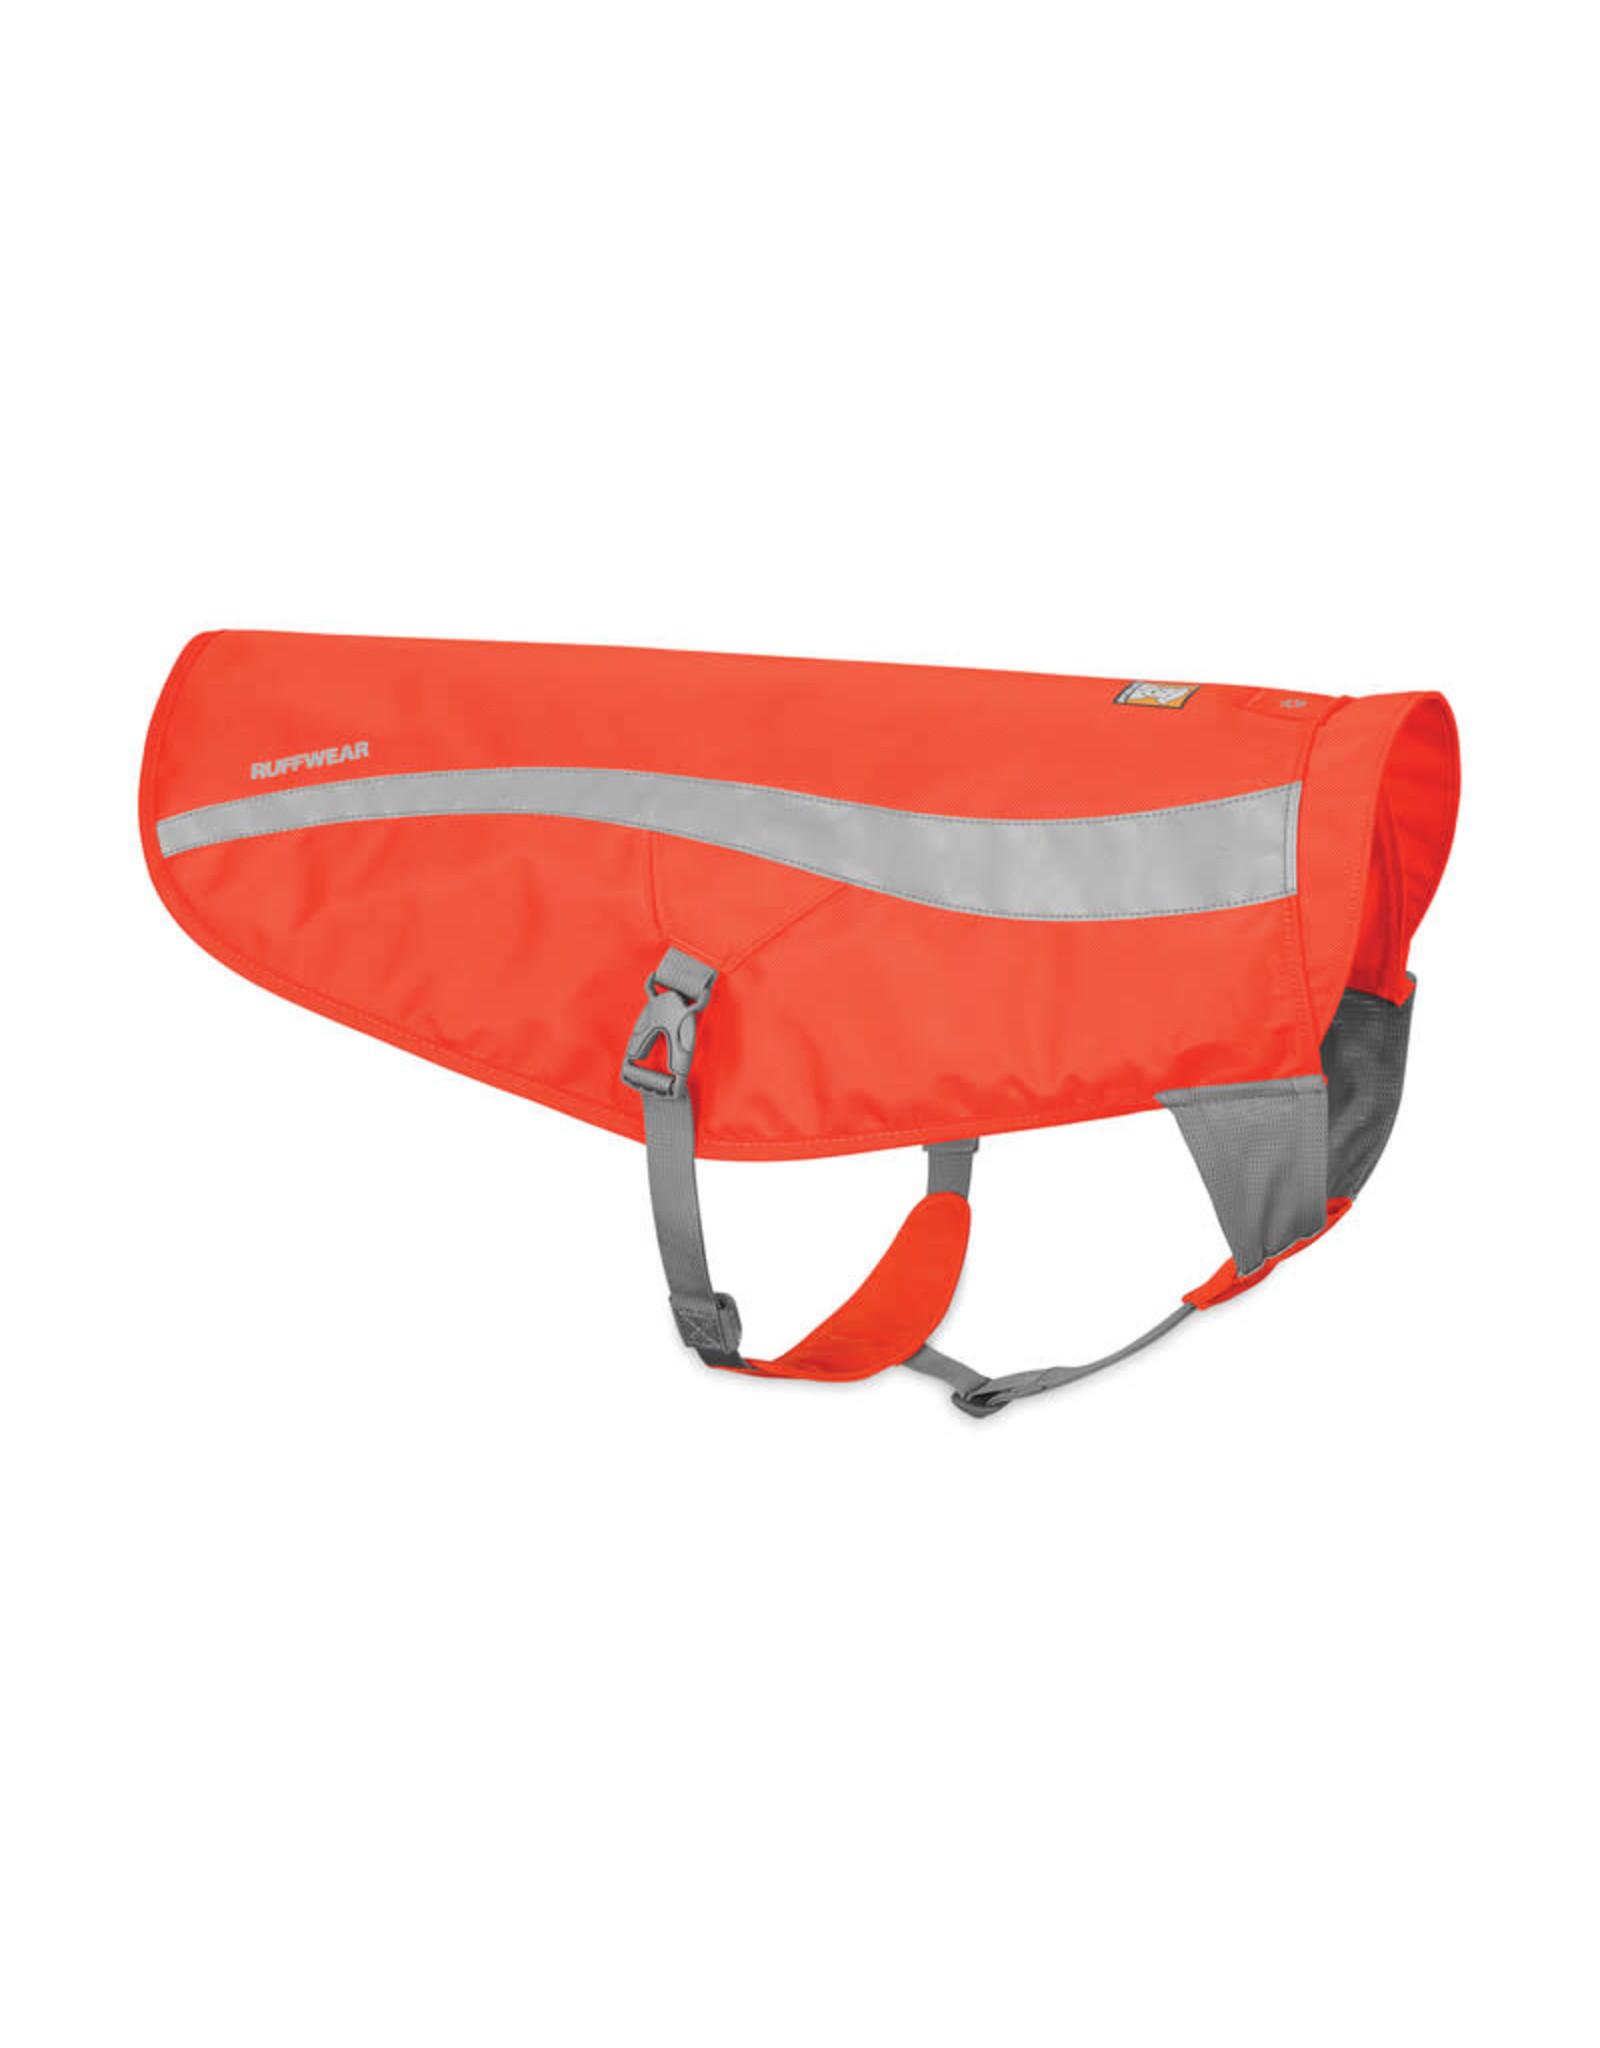 Ruffwear Track Jacket: Blaze Orange, XXS/XS